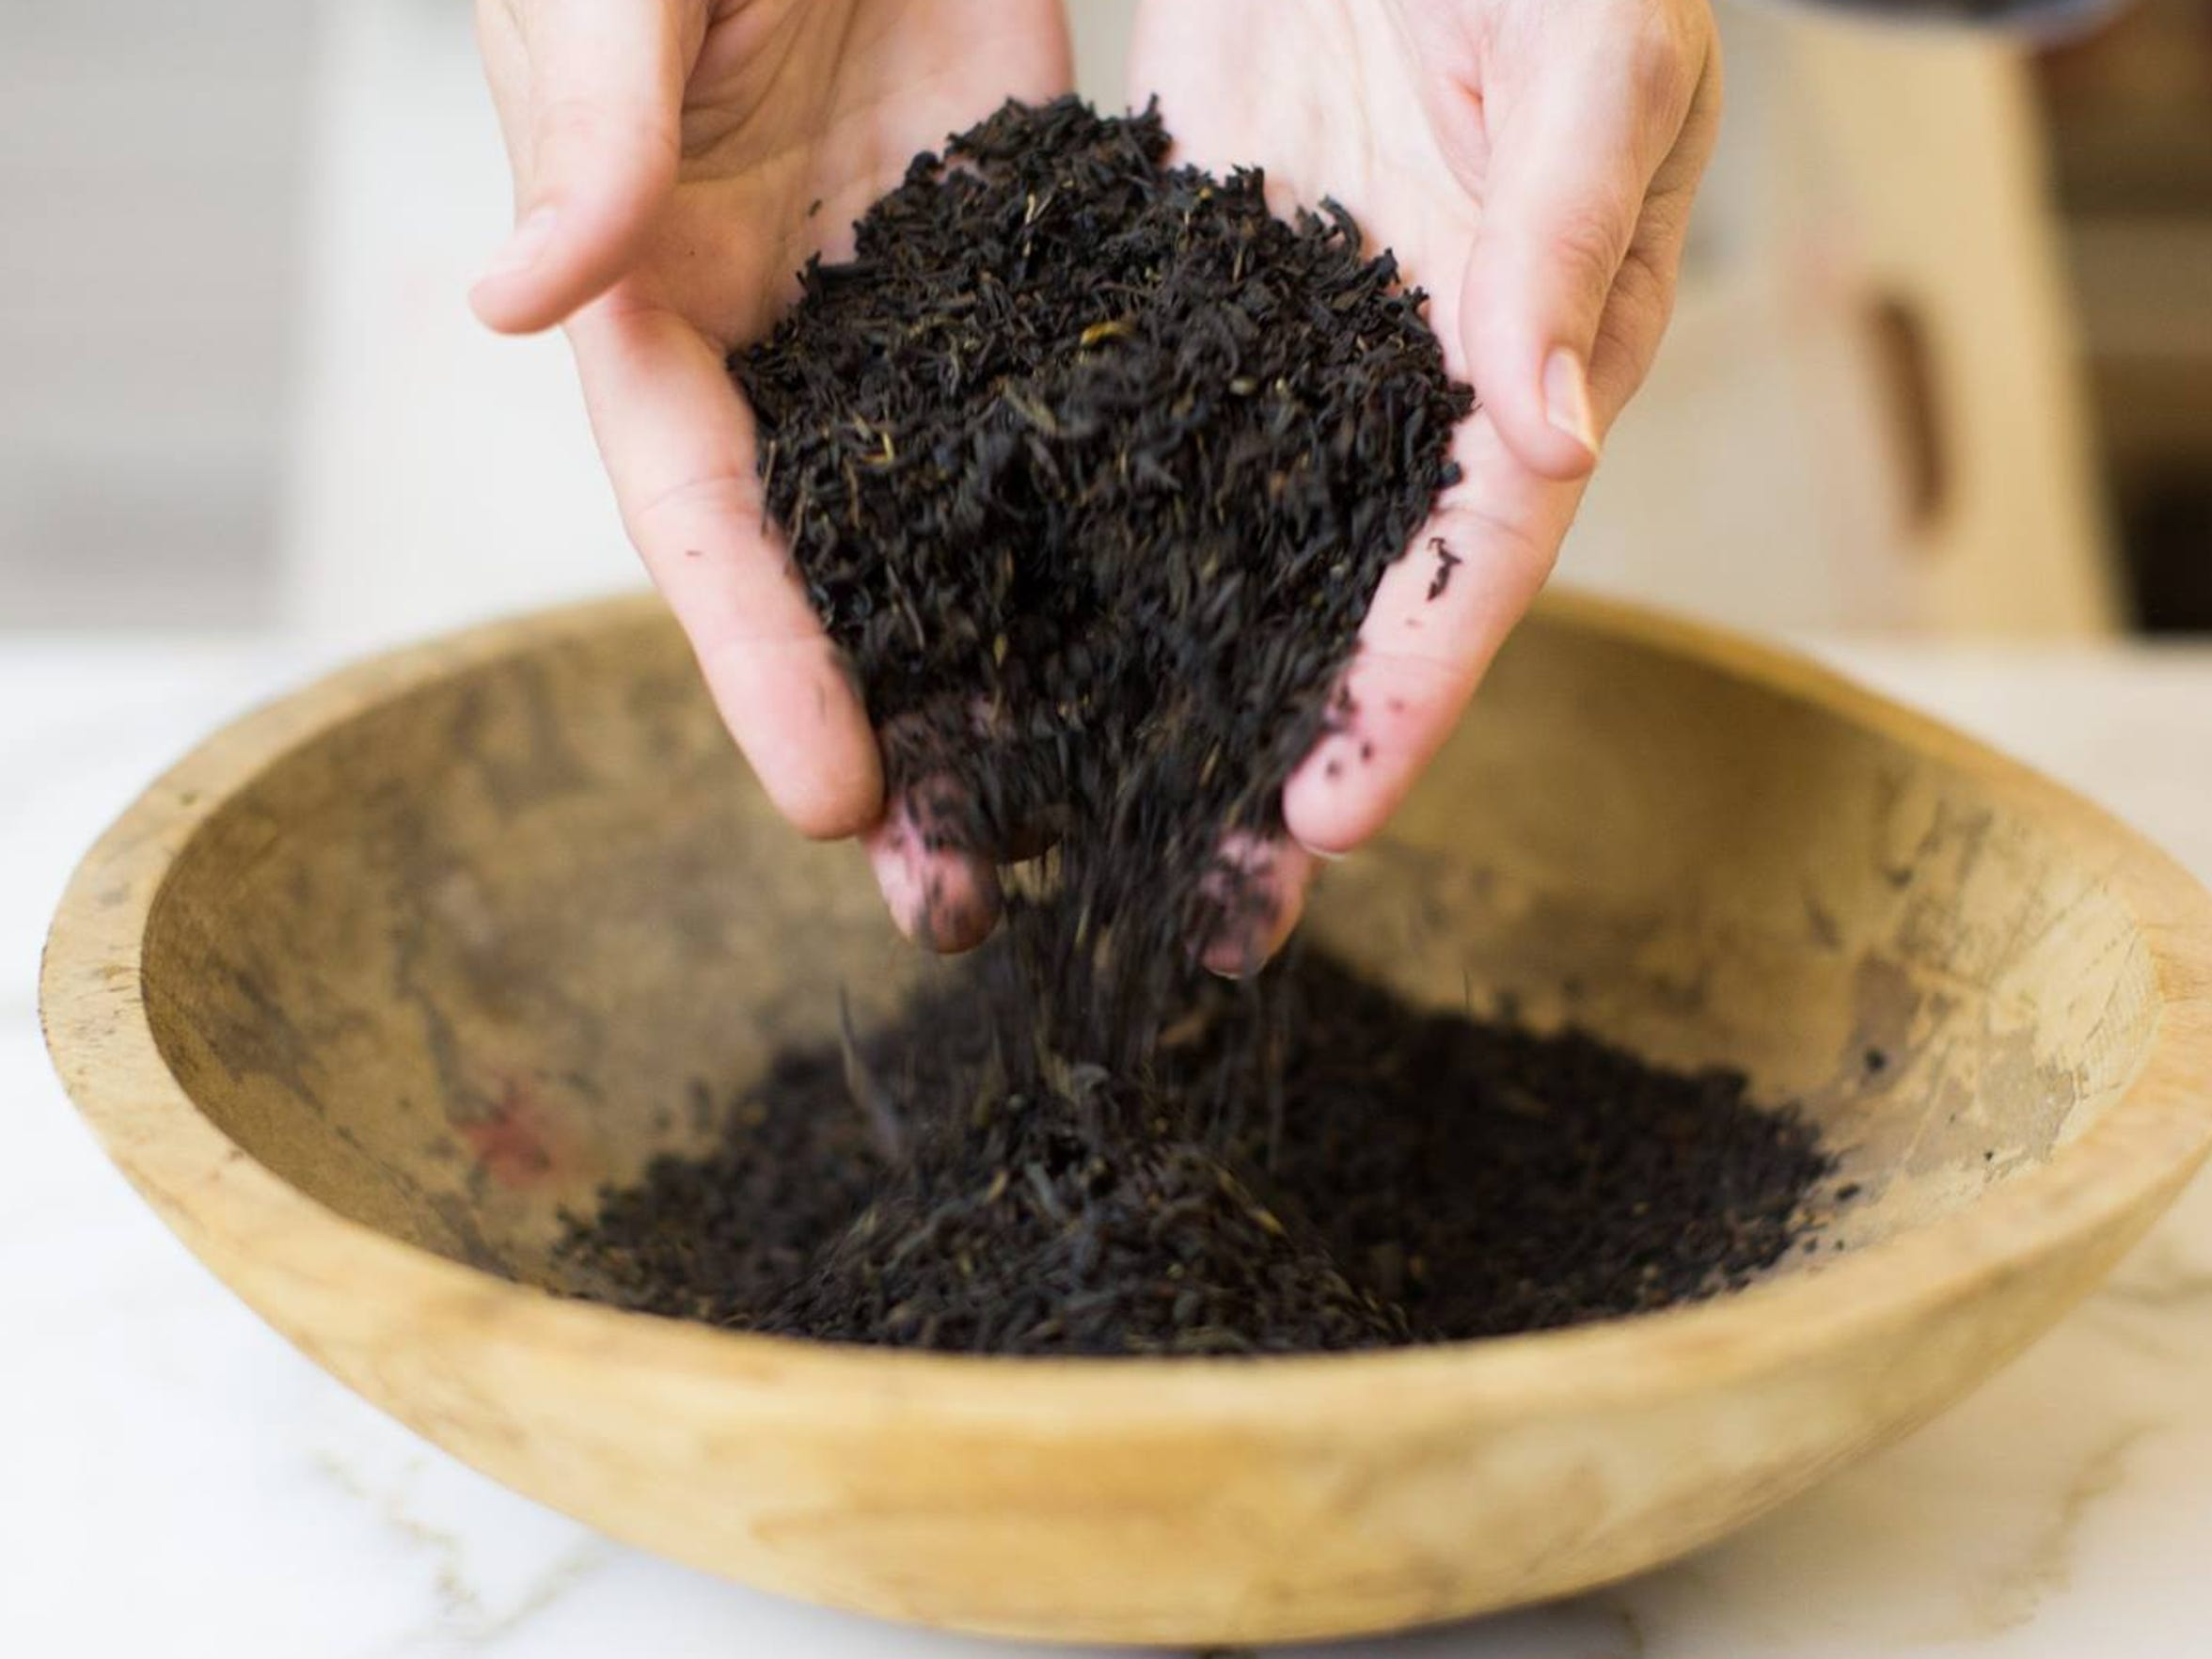 Loose-leaf tea.